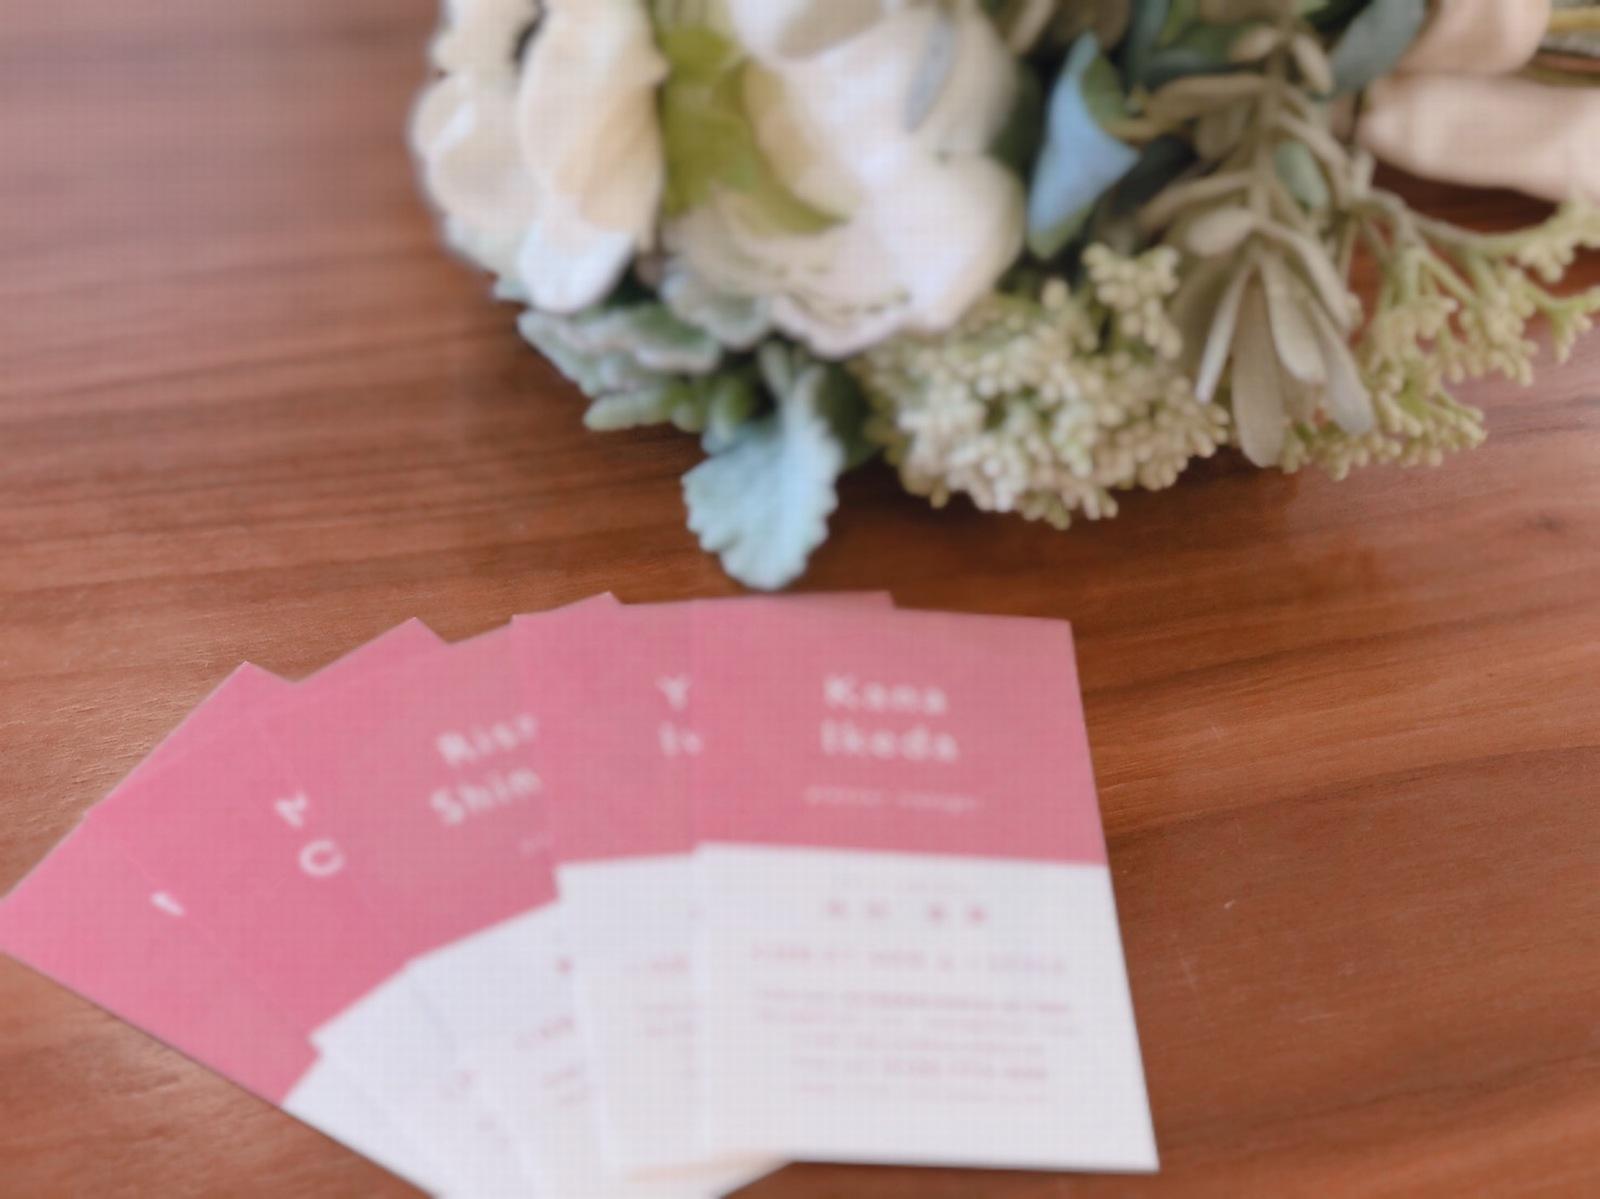 香川県の結婚式場シェルエメール&アイスタイルの名刺